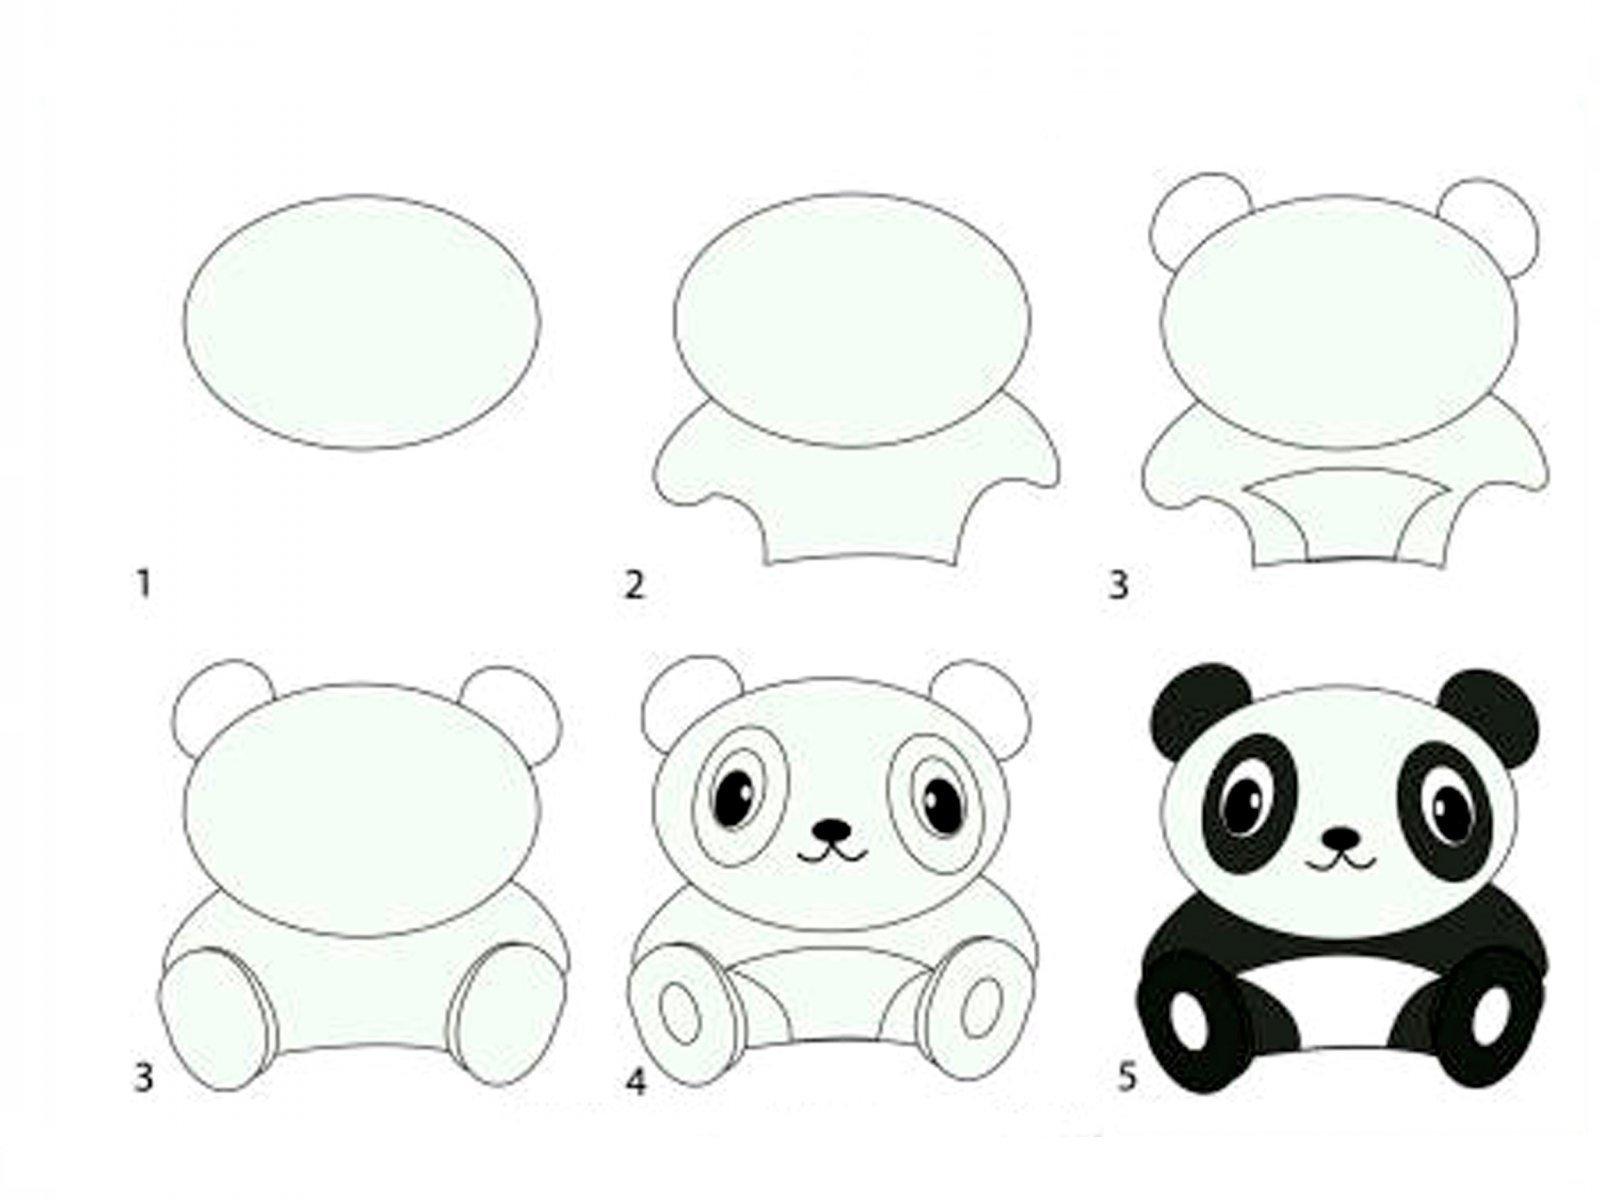 Как нарисовать стол поэтапно для детей